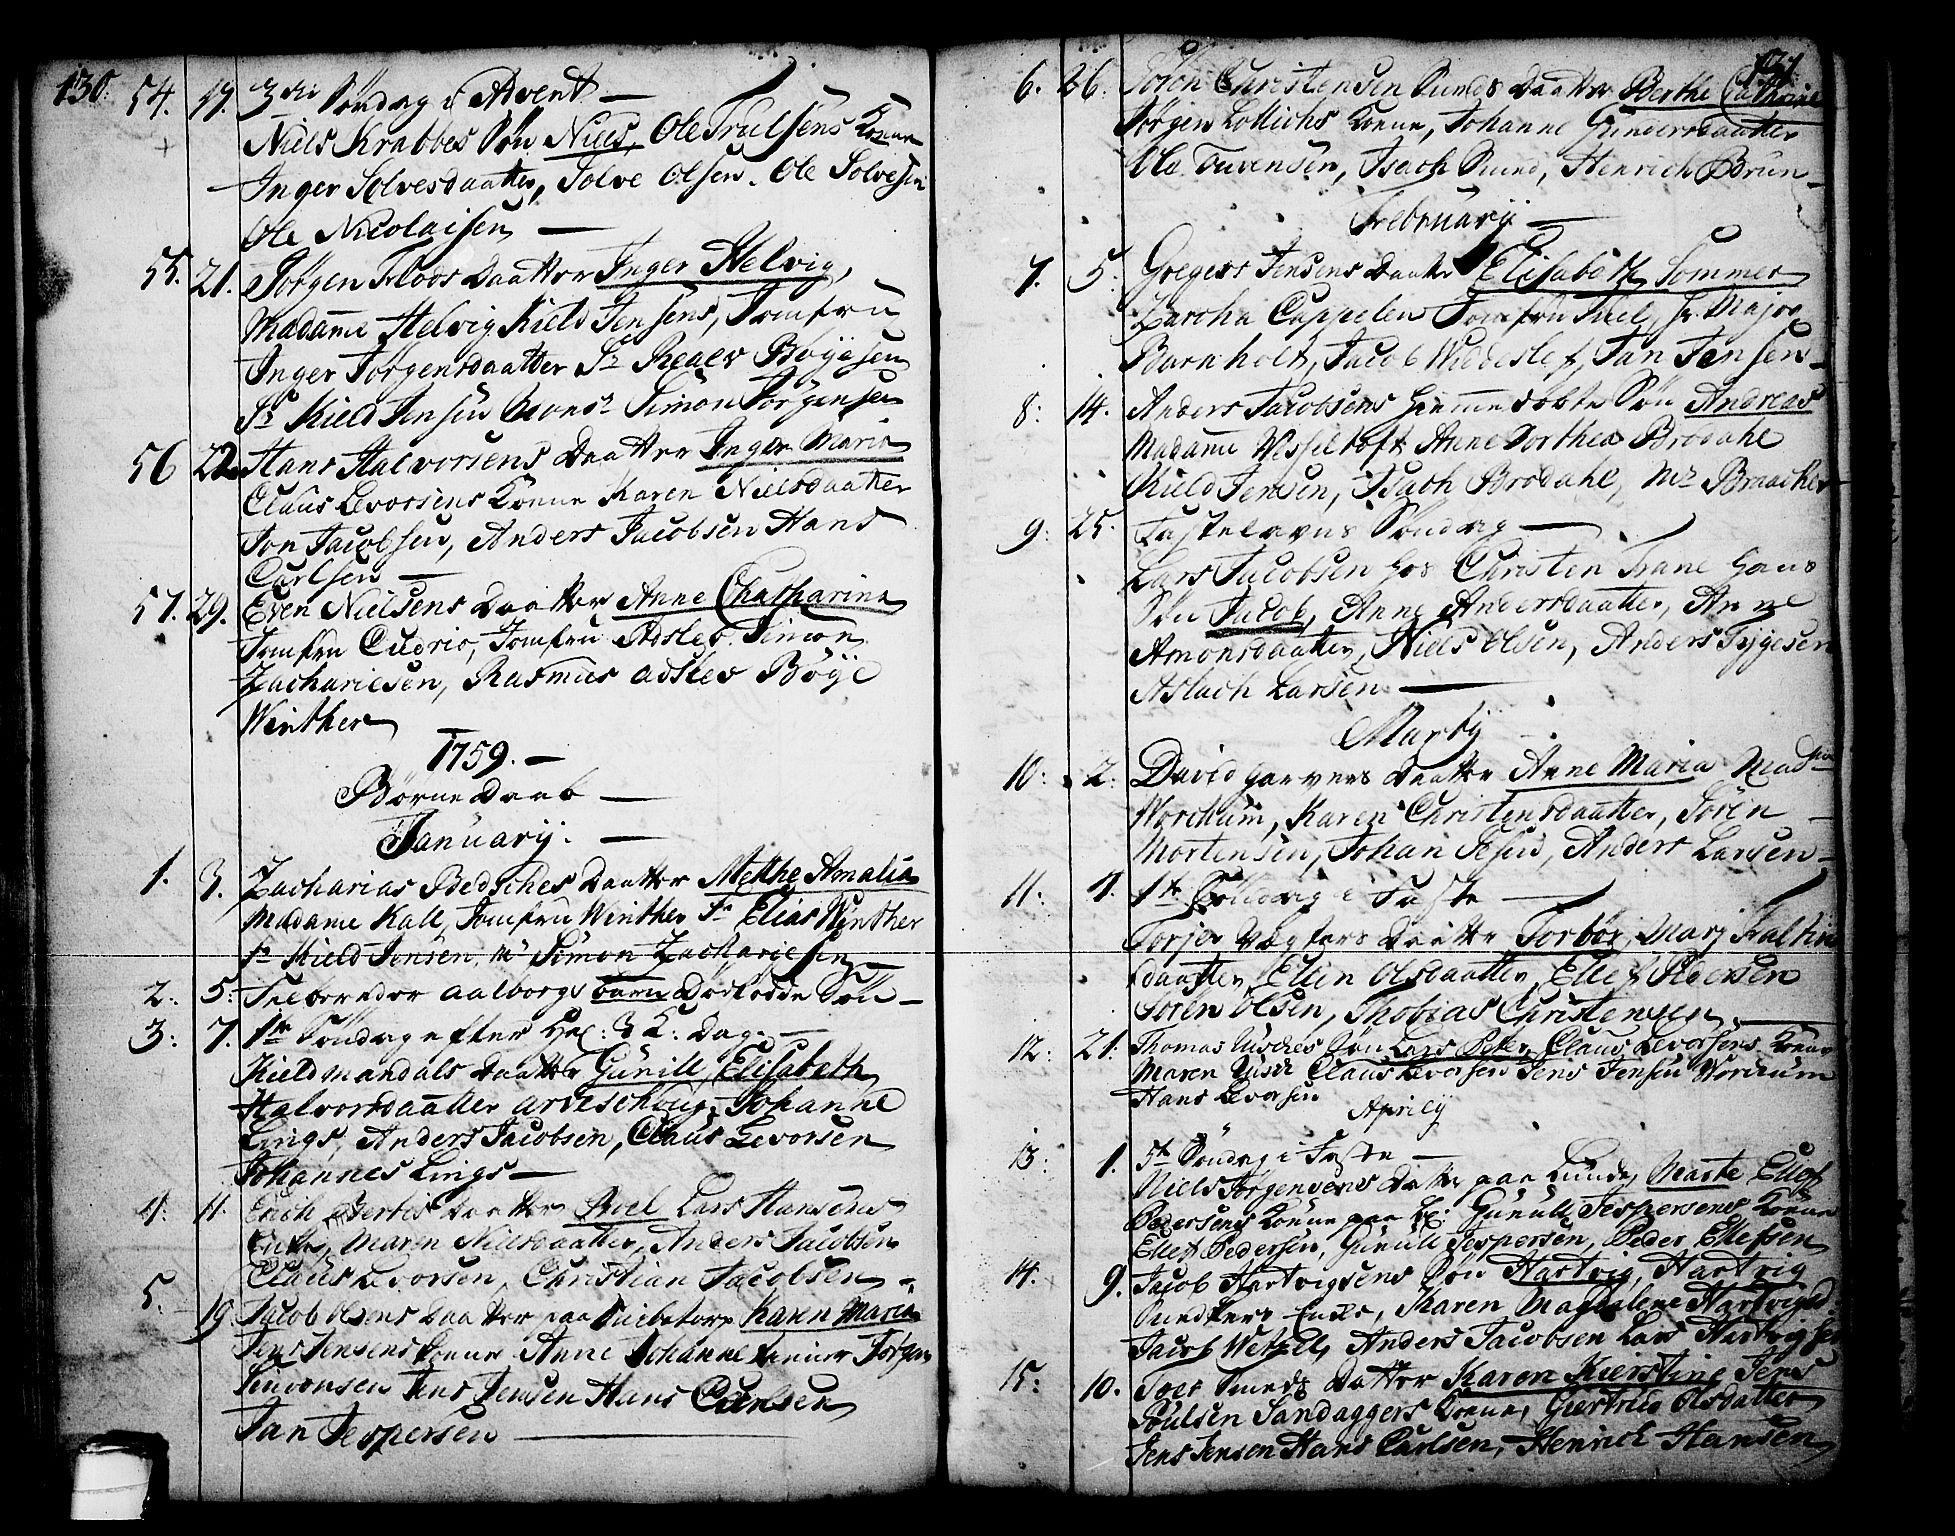 SAKO, Skien kirkebøker, F/Fa/L0003: Ministerialbok nr. 3, 1755-1791, s. 130-131